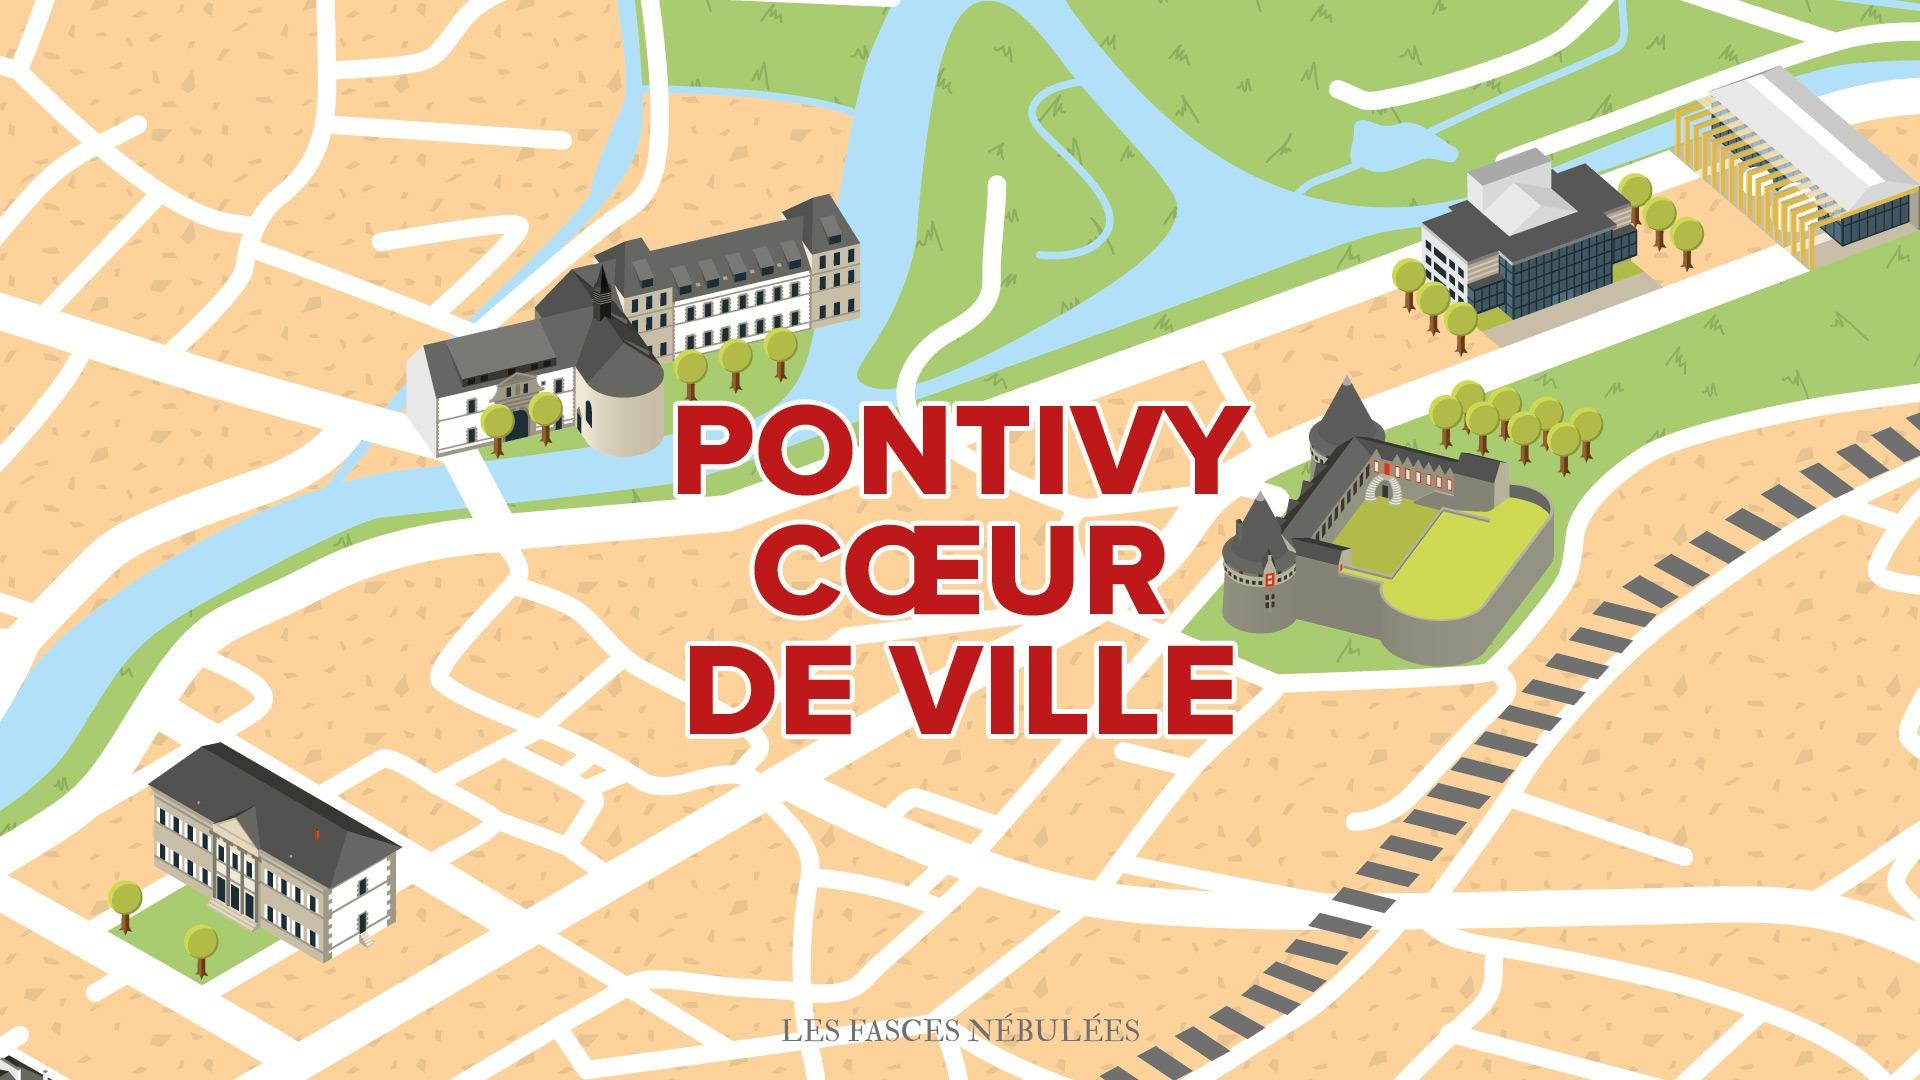 Pontivy  Cœur de ville